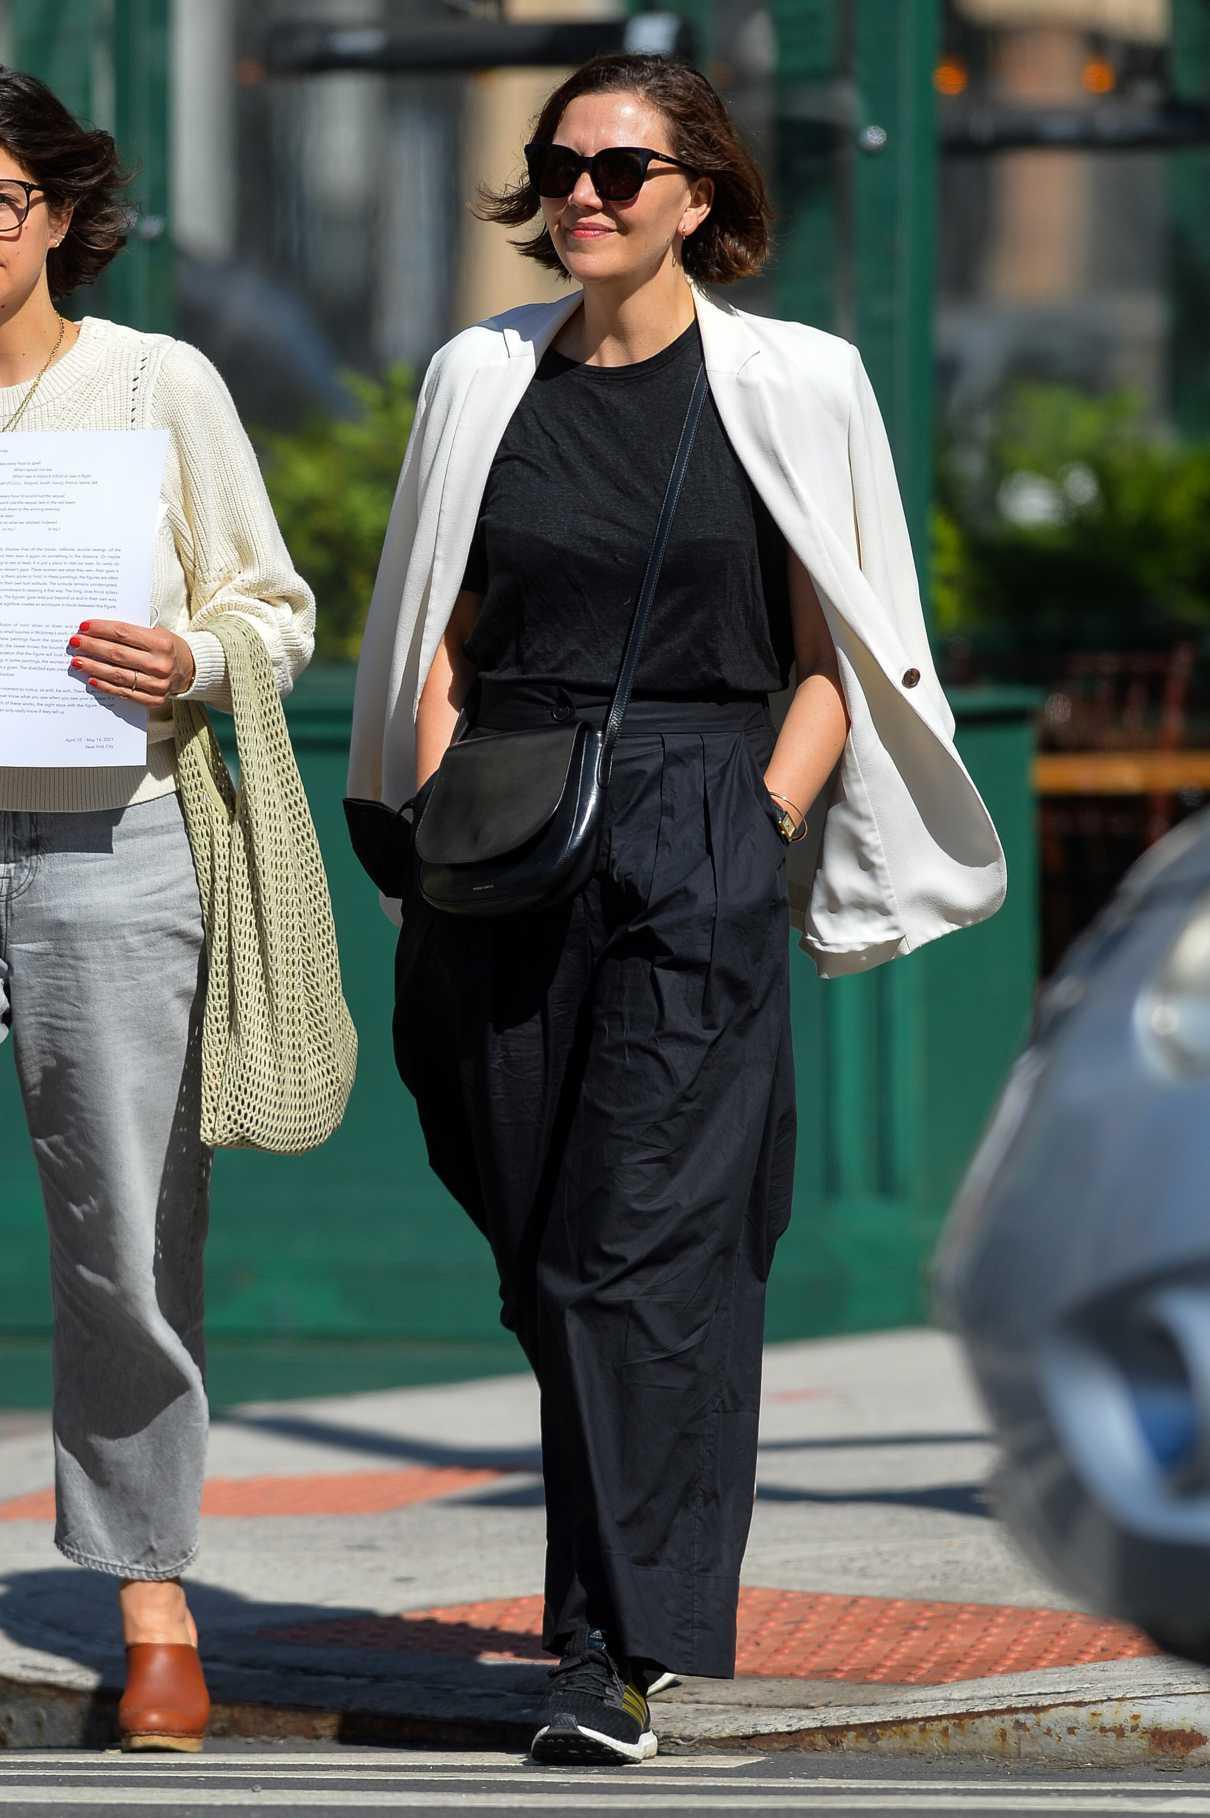 Maggie Gyllenhaal in a Black Pants